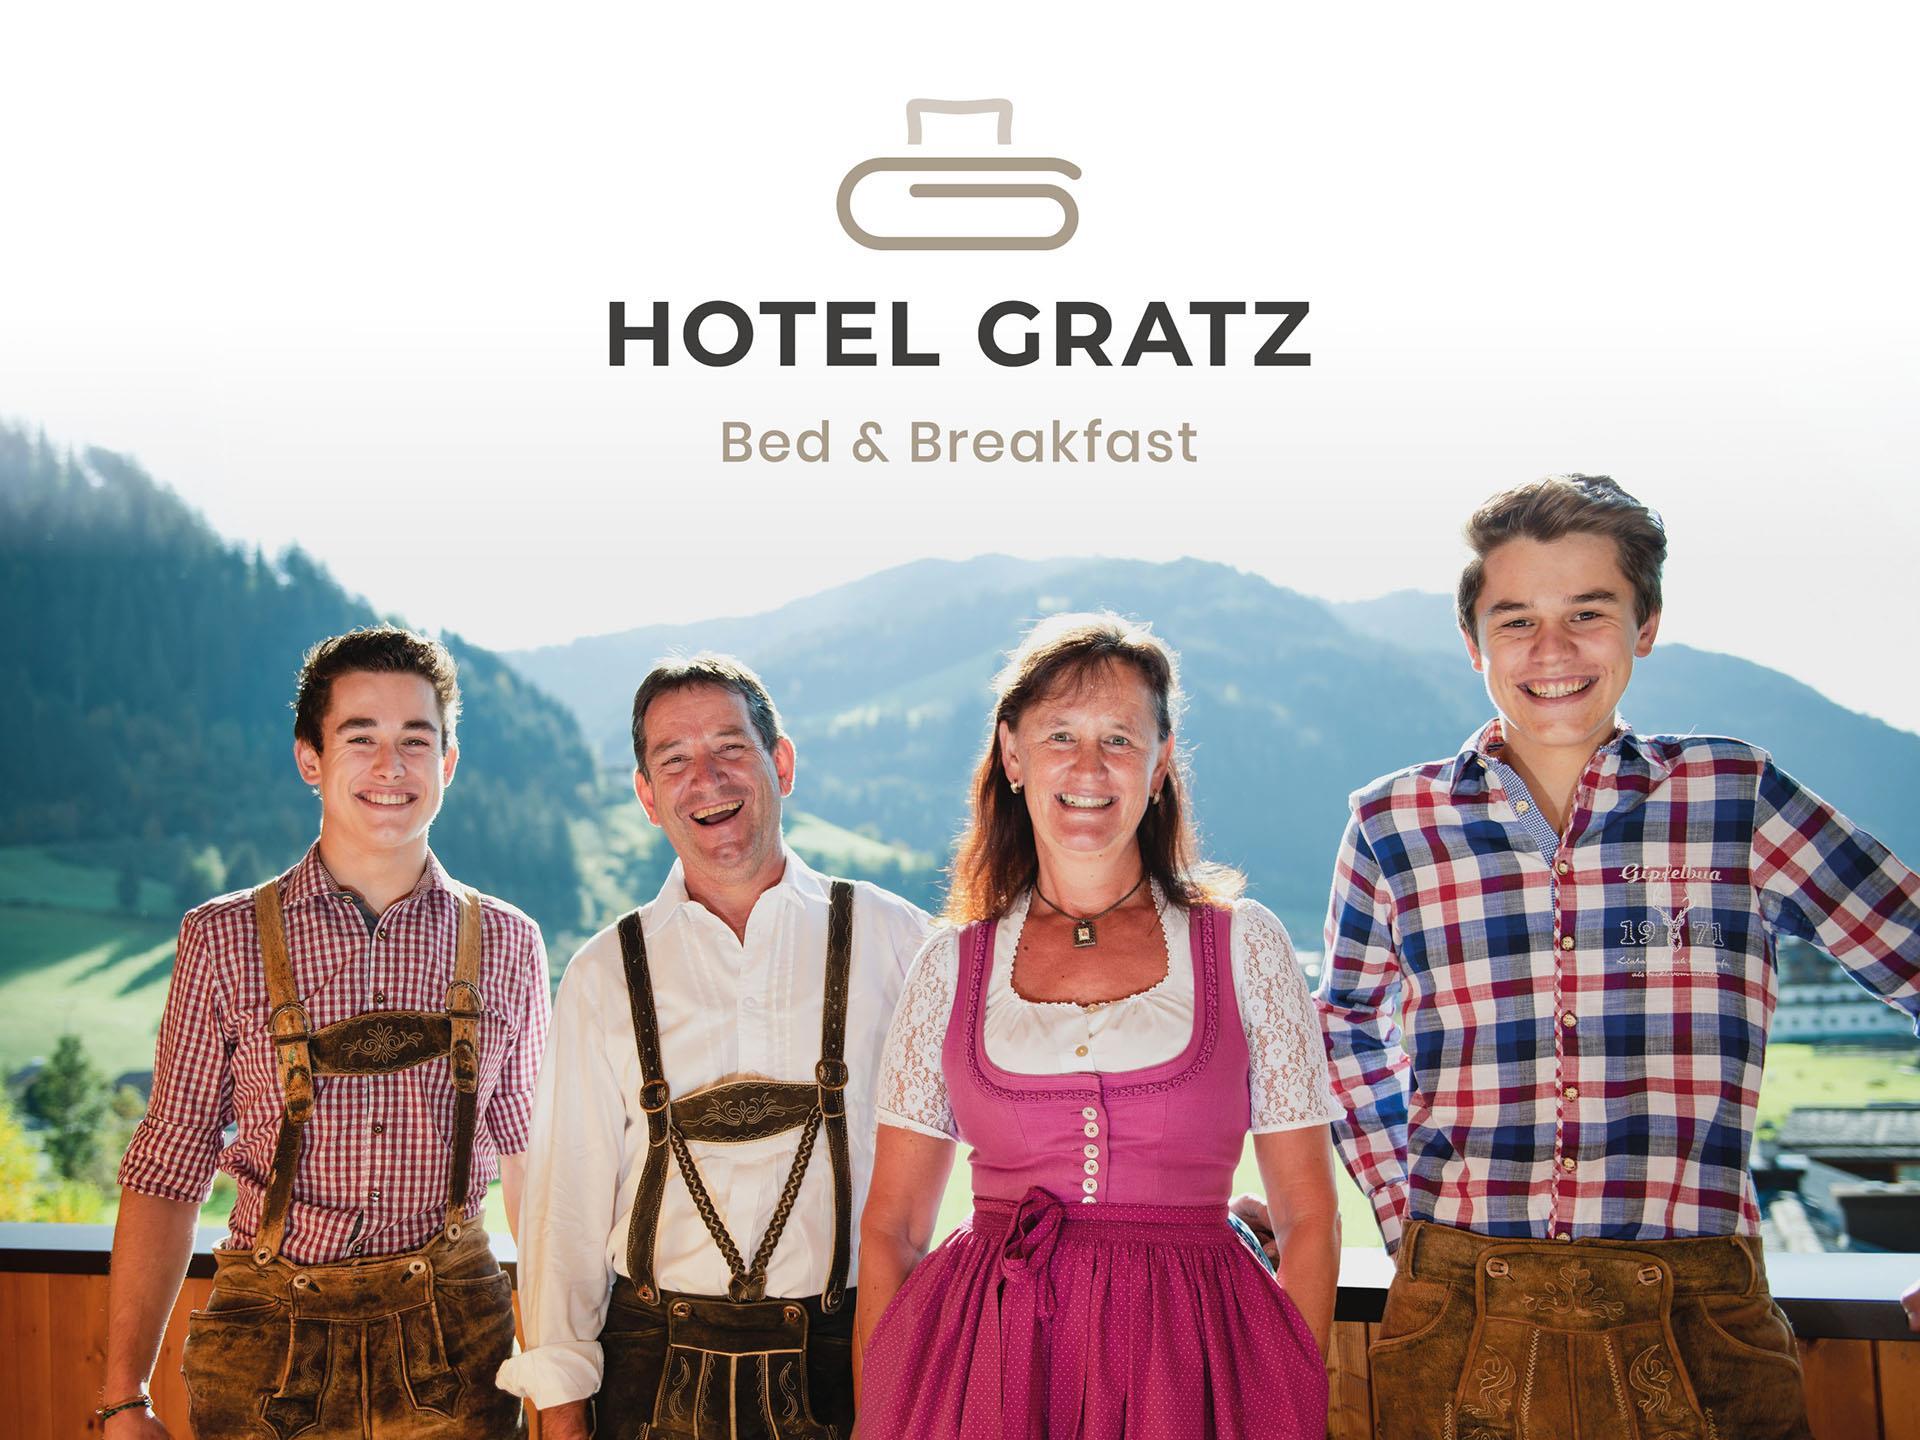 hotel_gratz_grossarl, Großarl